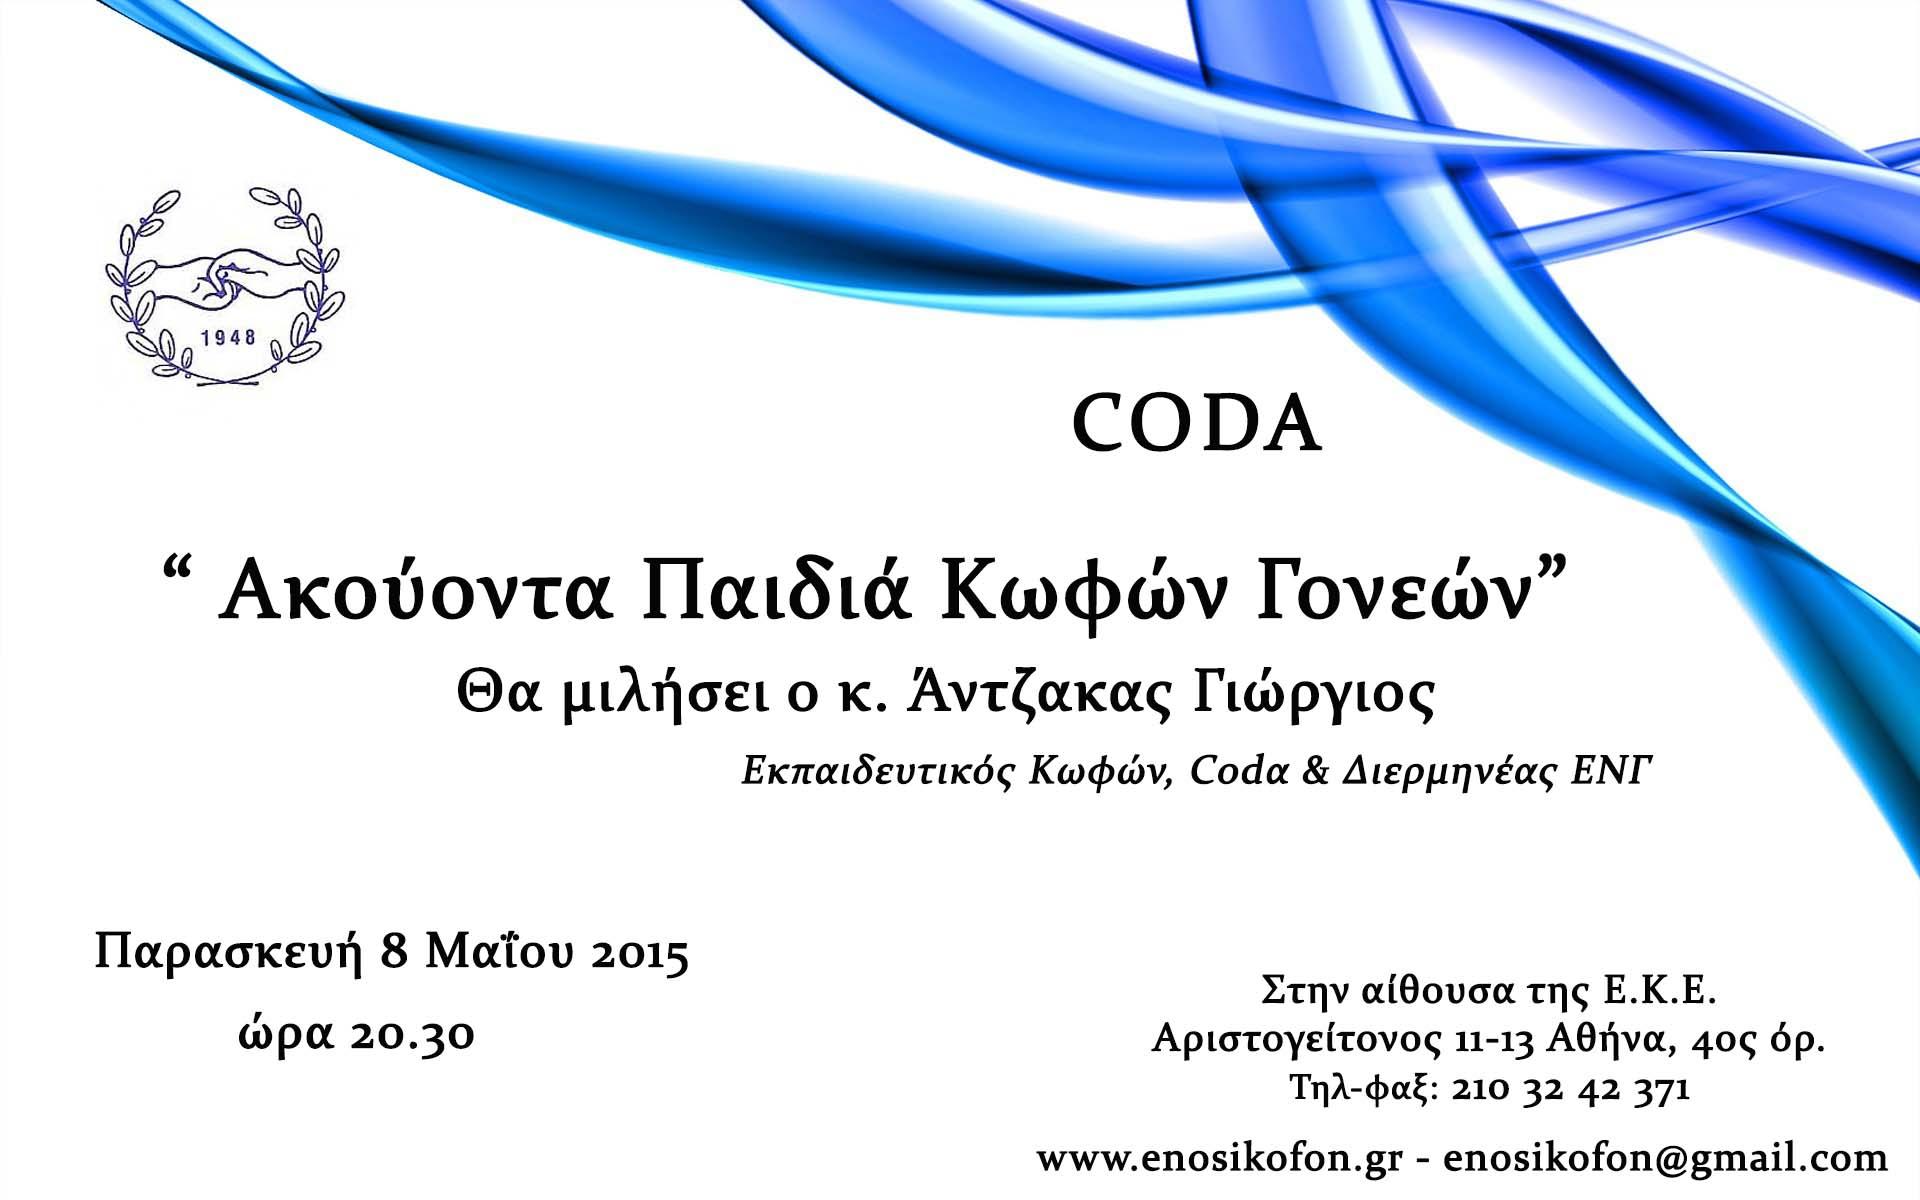 Διάλεξη - CODA